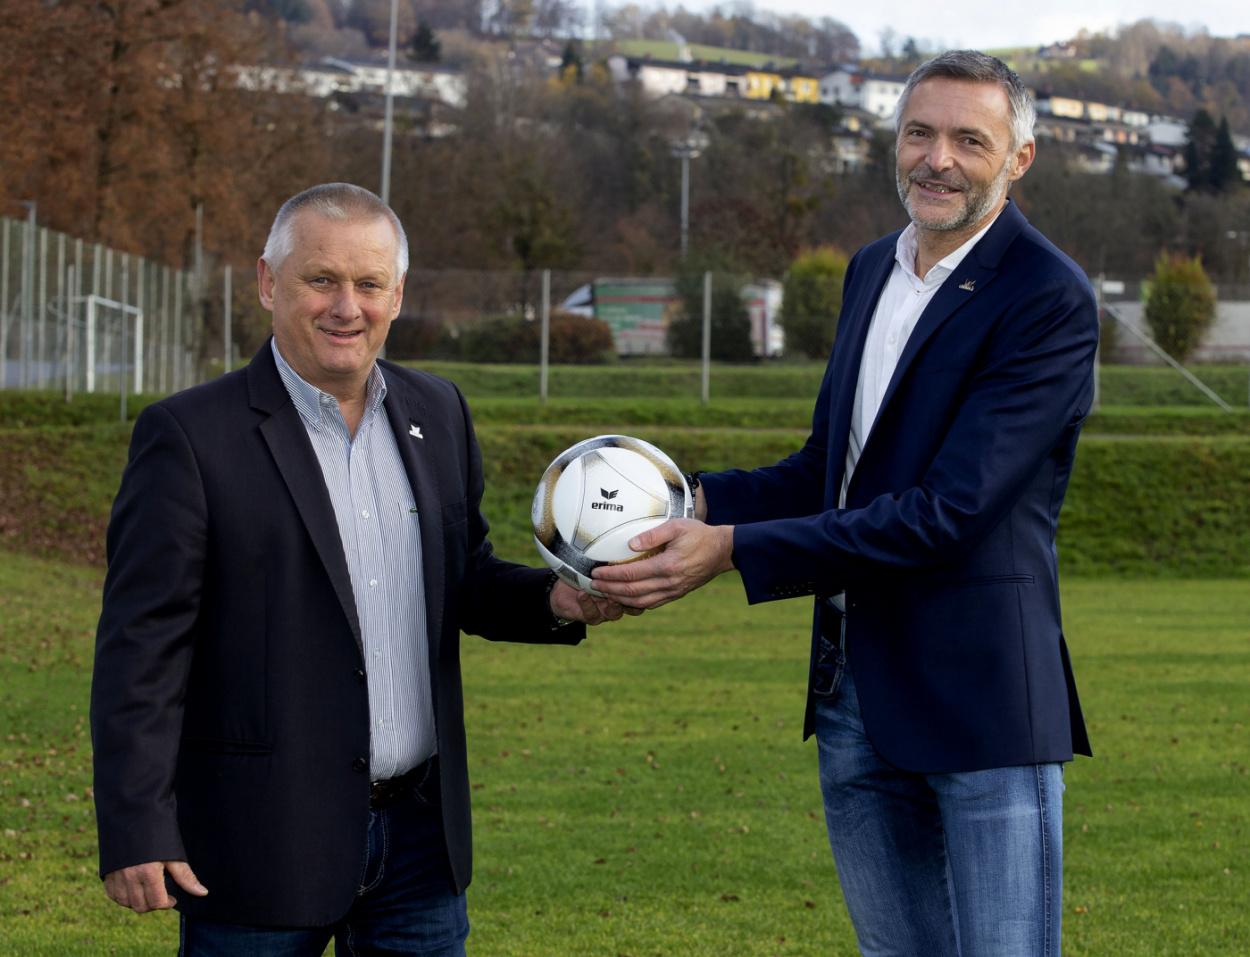 Geschäftsführerwechsel bei ERIMA Österreich: Grims übergibt an Klimitsch